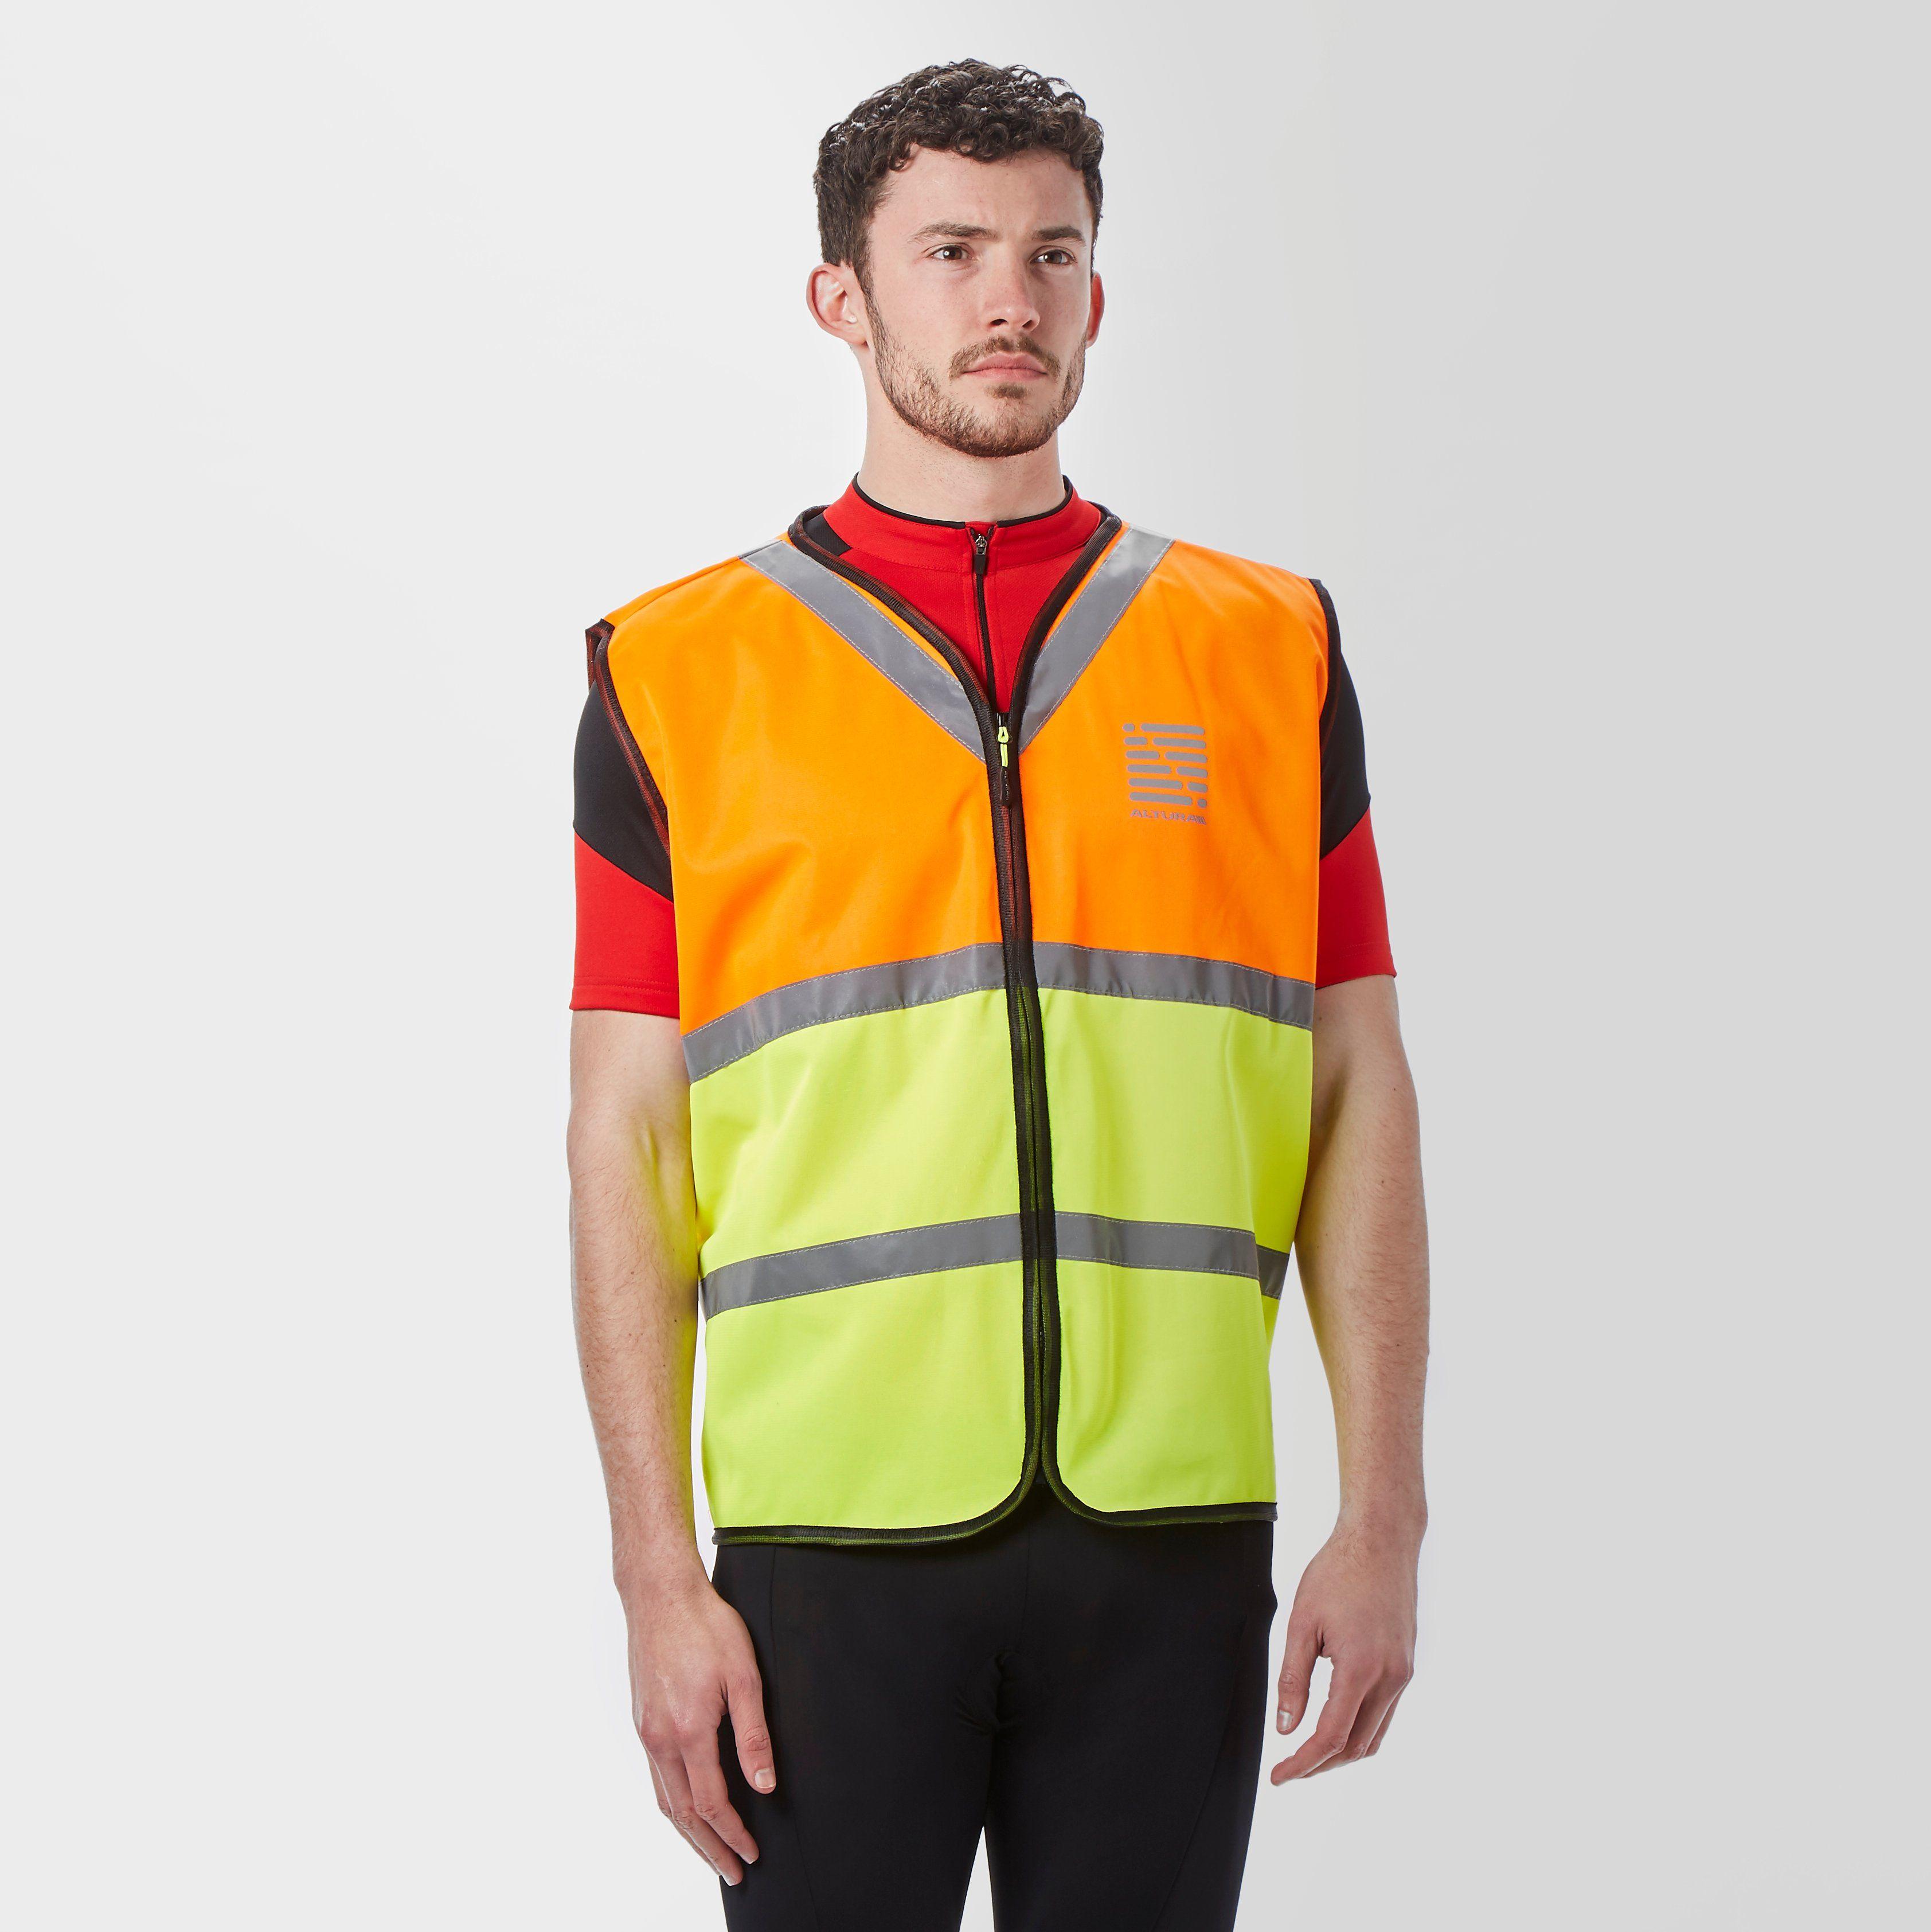 ALTURA Men's Night Vision Vest